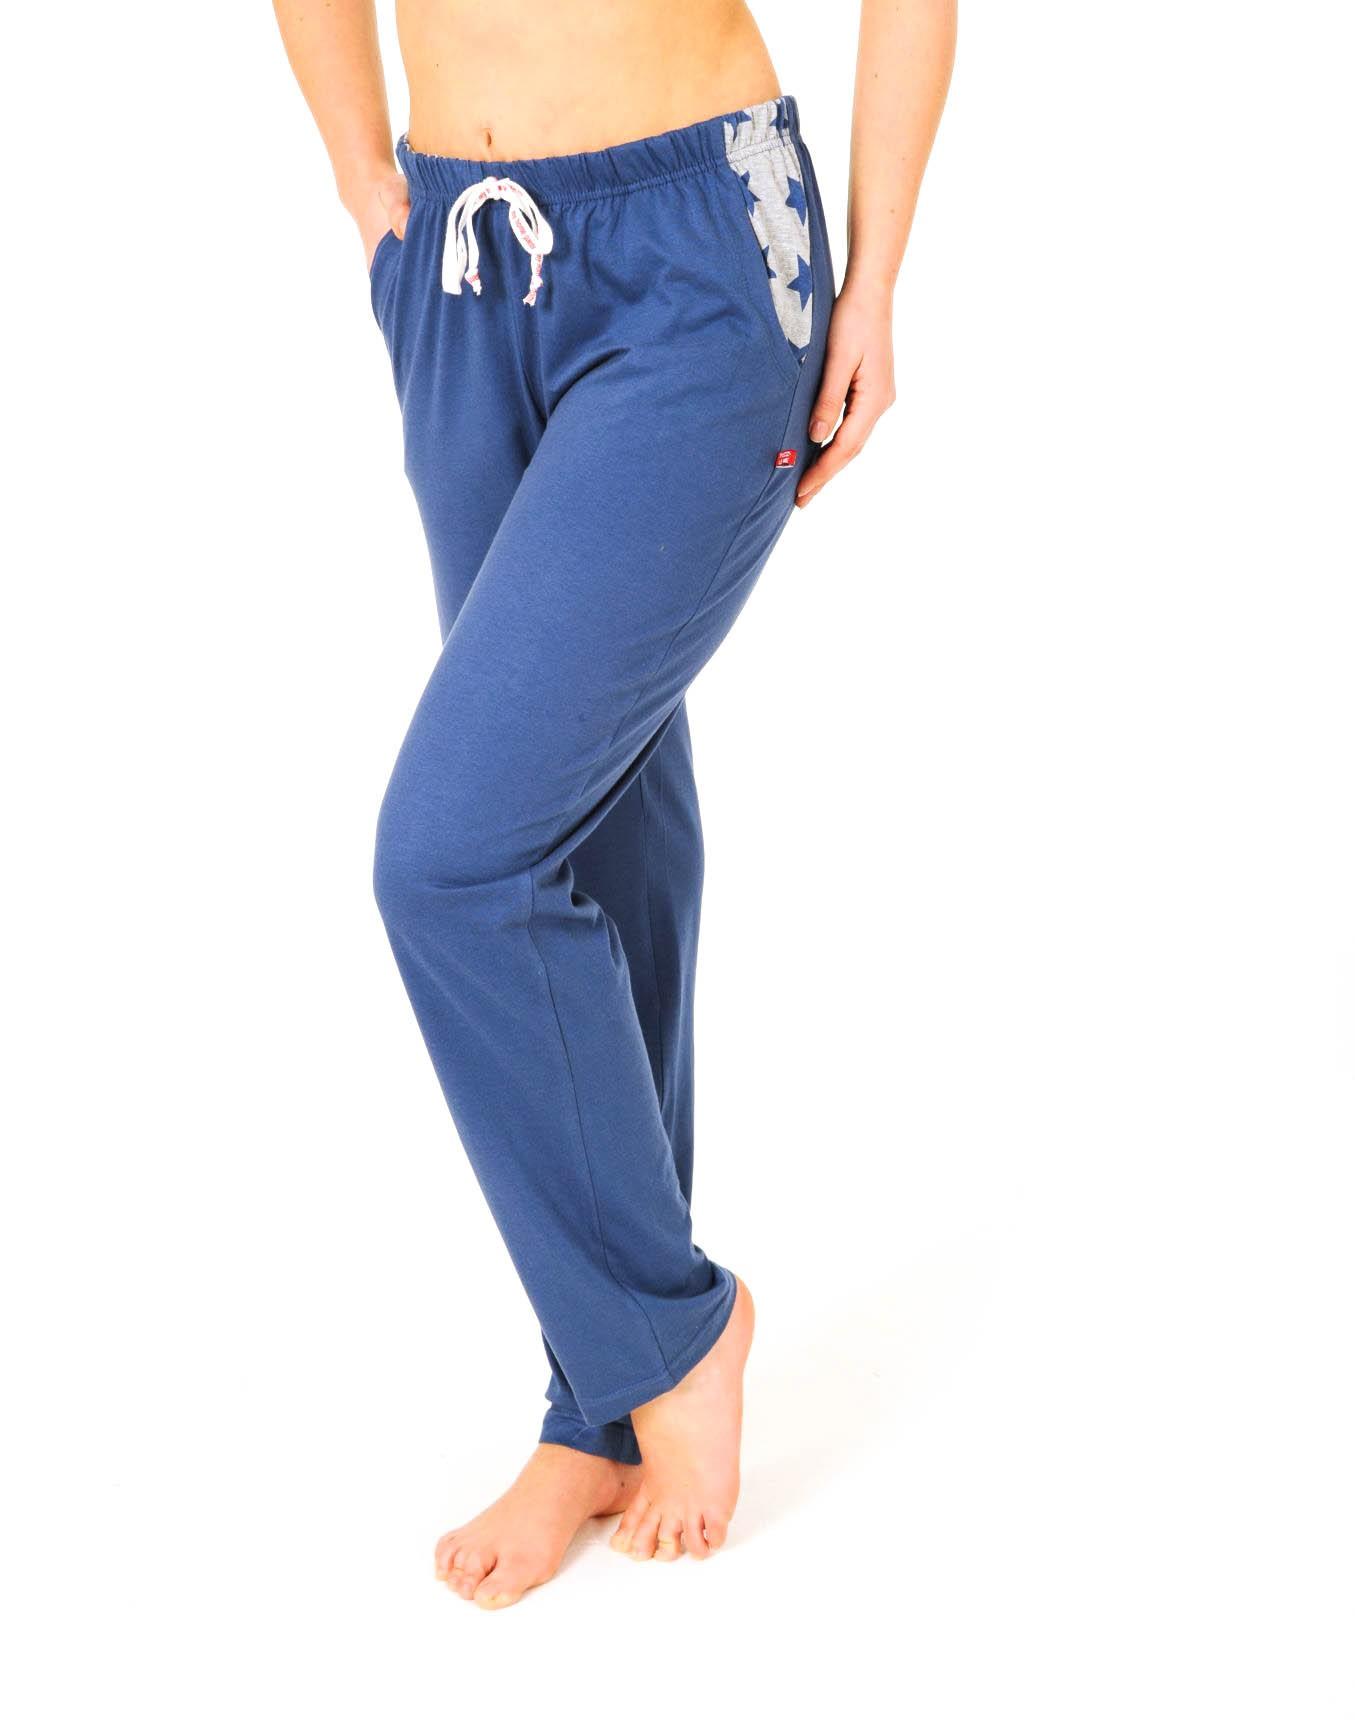 Damen Hose - Mix &  Match - unifarben, ideal zum kombinieren 251 222 90 161 – Bild 2